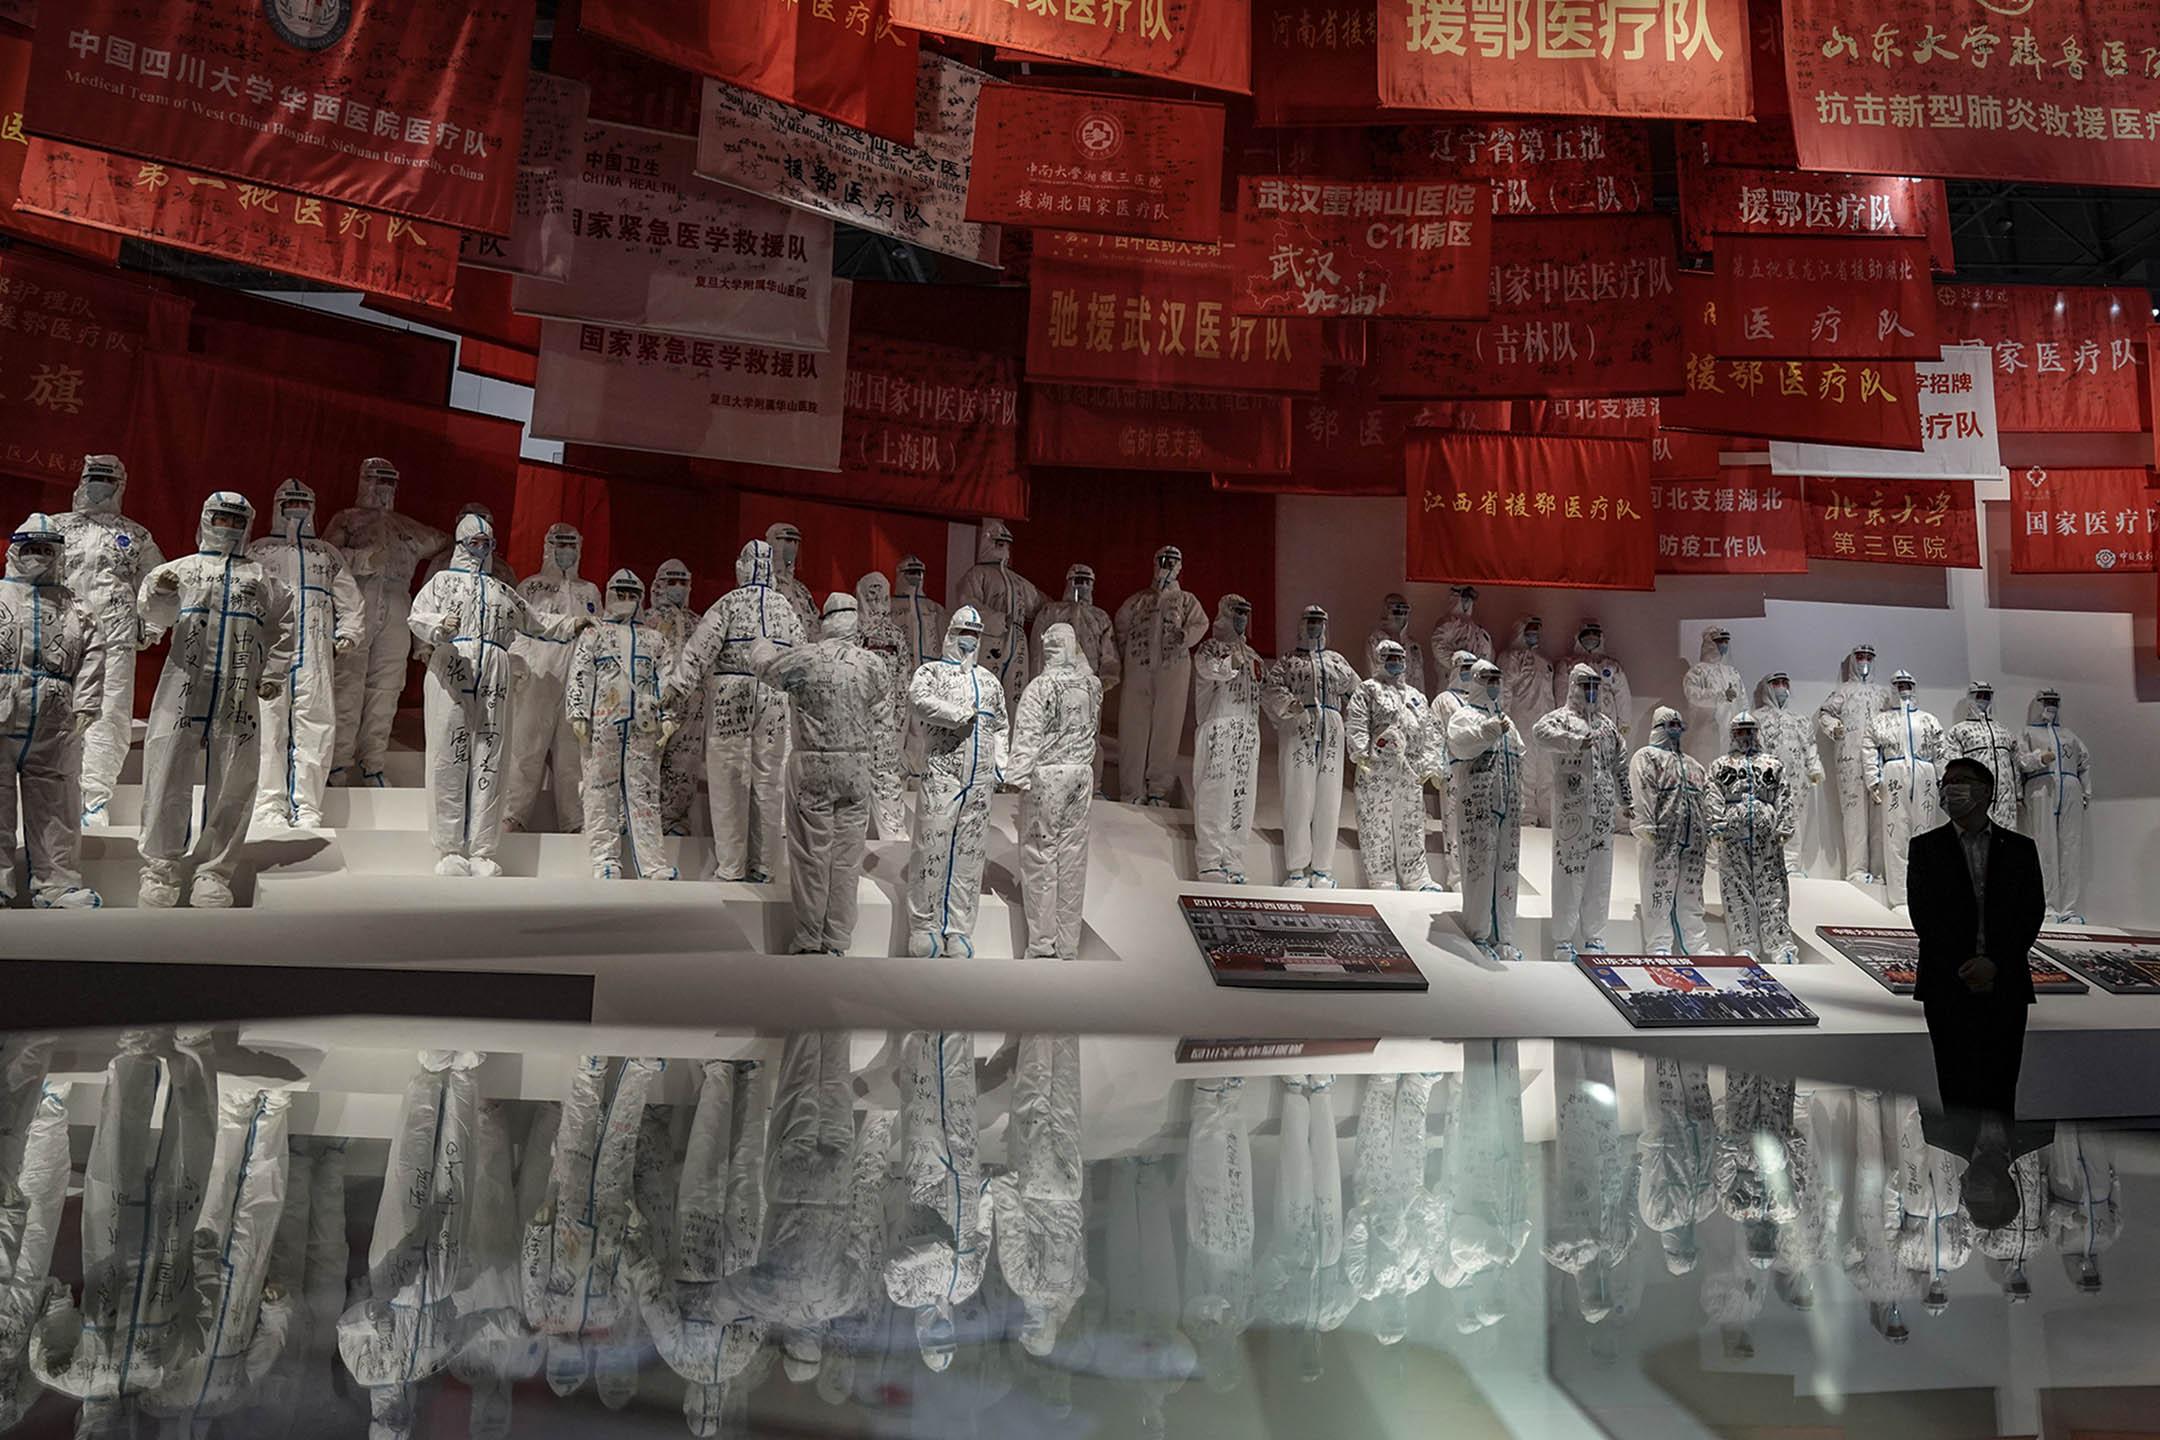 2020年10月15日武漢,一位遊客在武漢市文化博覽中心參觀中國對抗2019冠狀病毒的展覽。